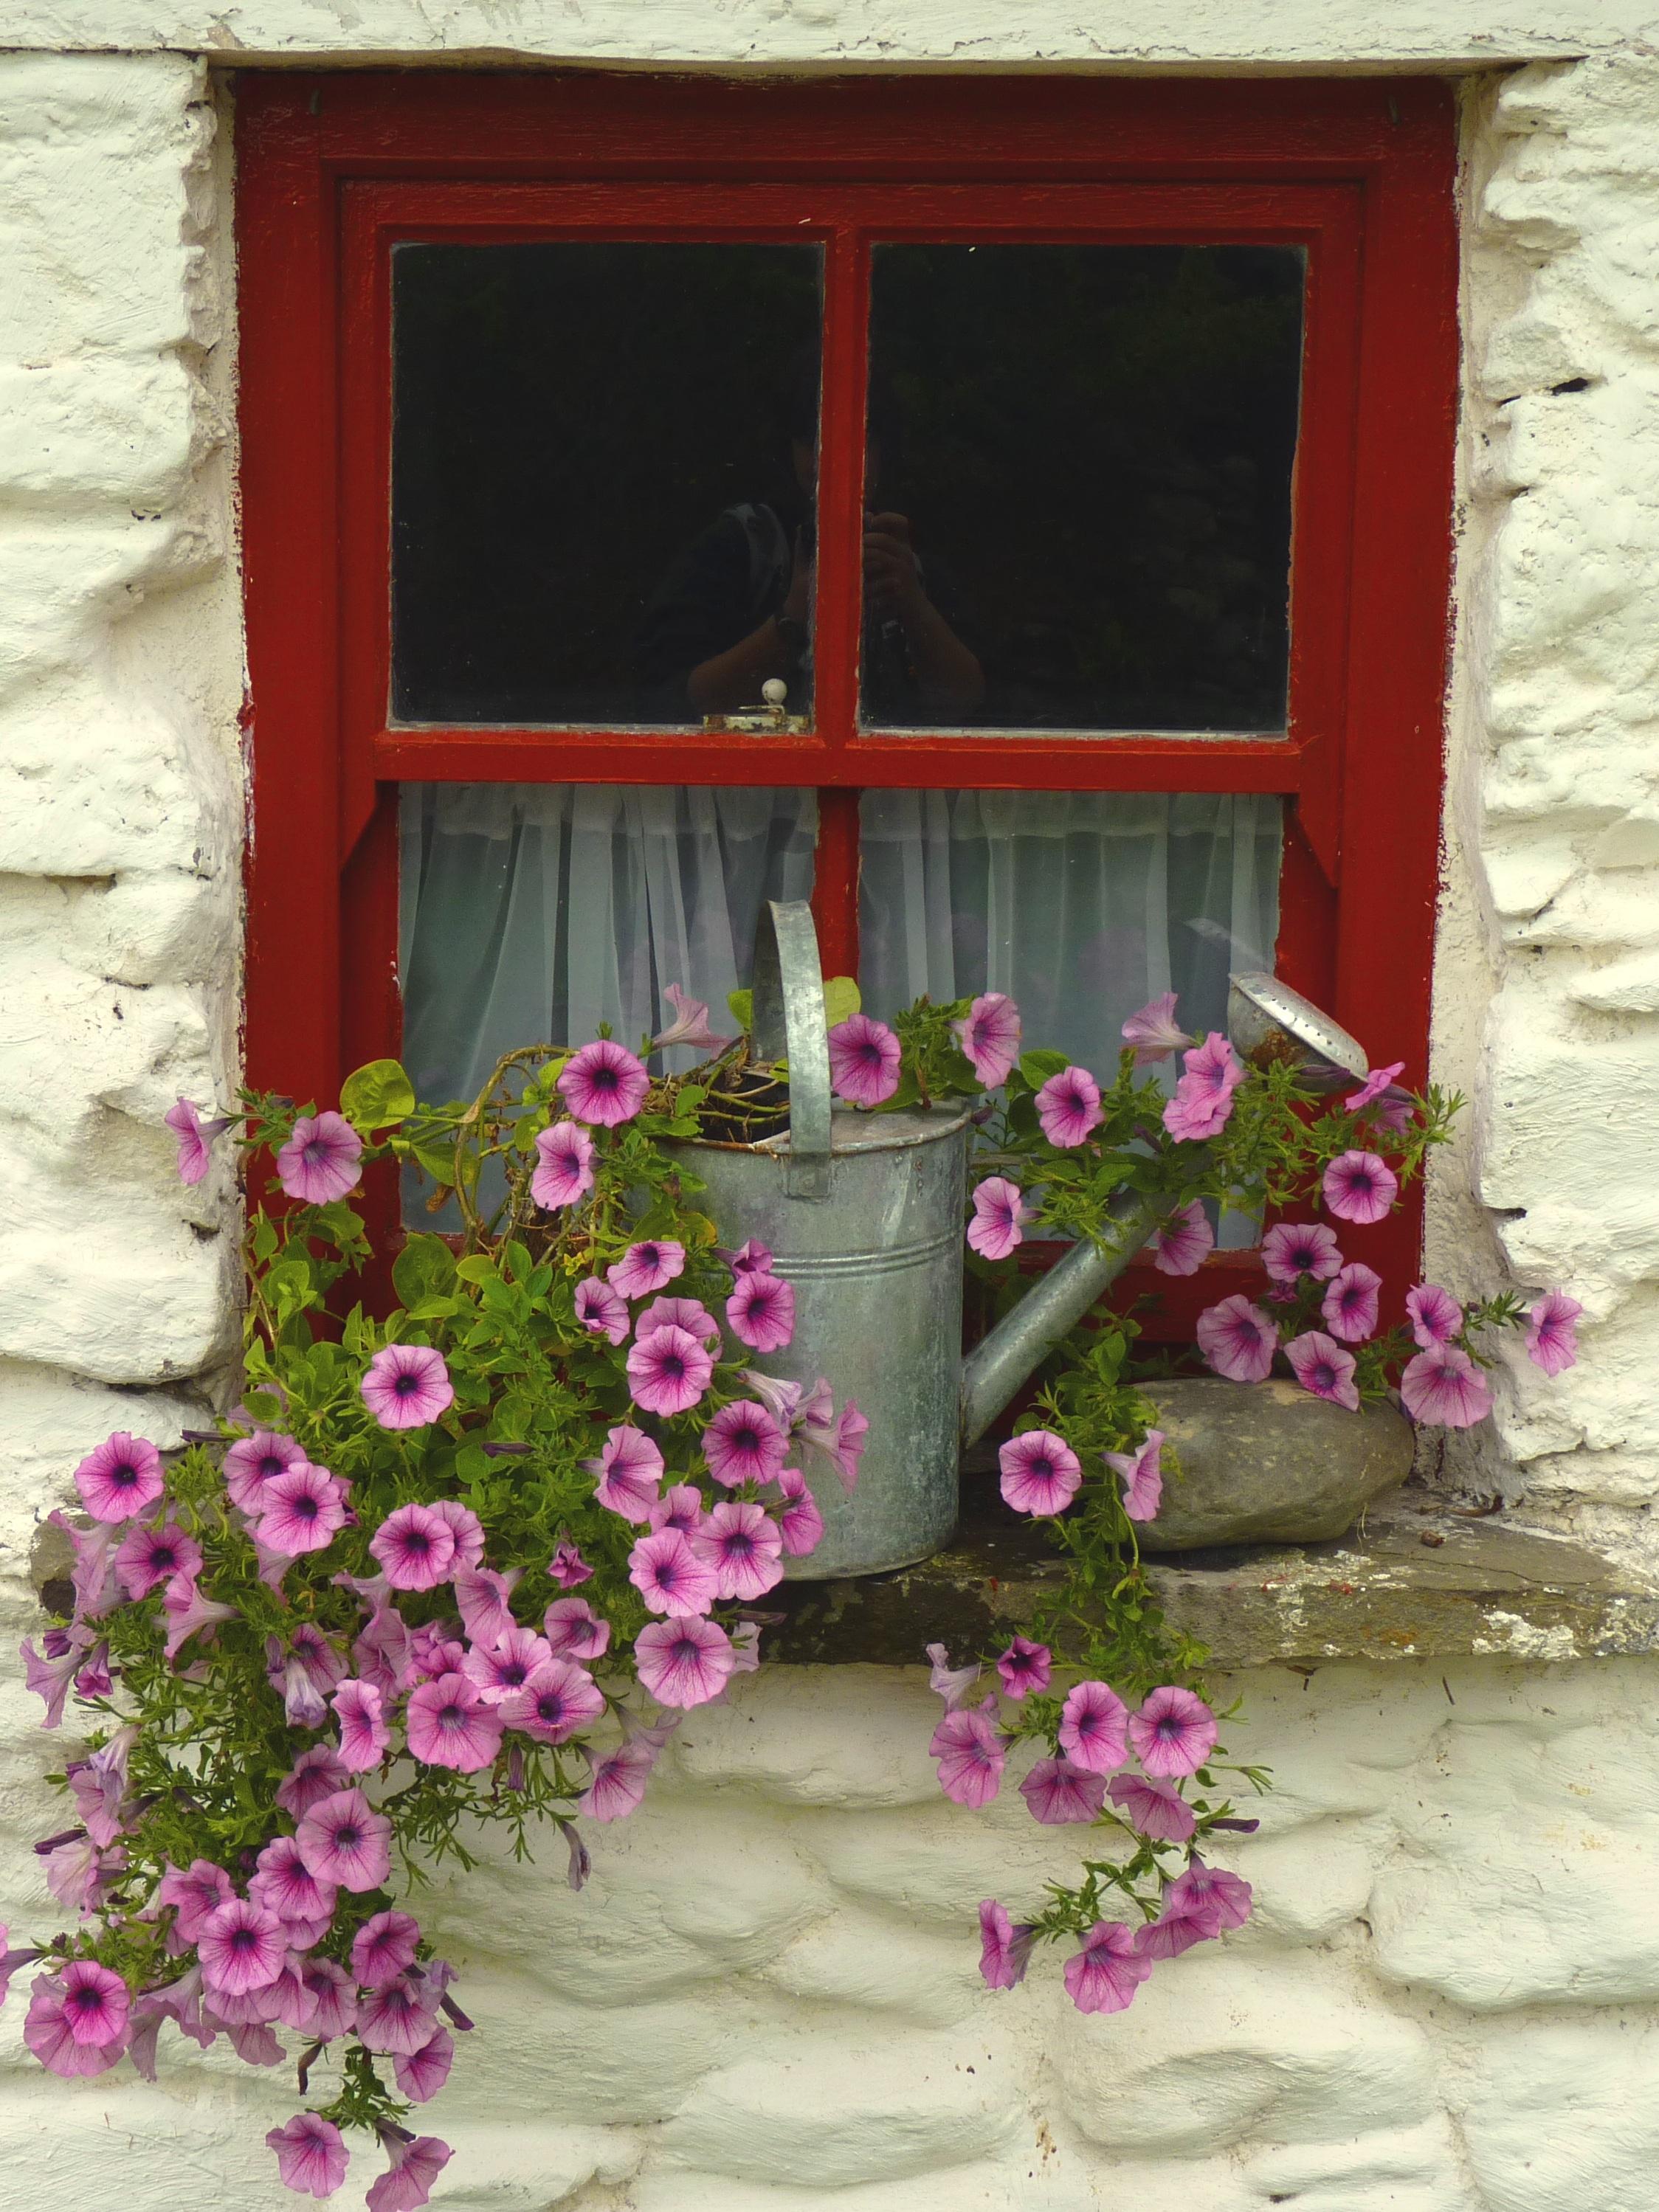 Fotos gratis : planta, flor, Flores, Decoración navideña, marco ...